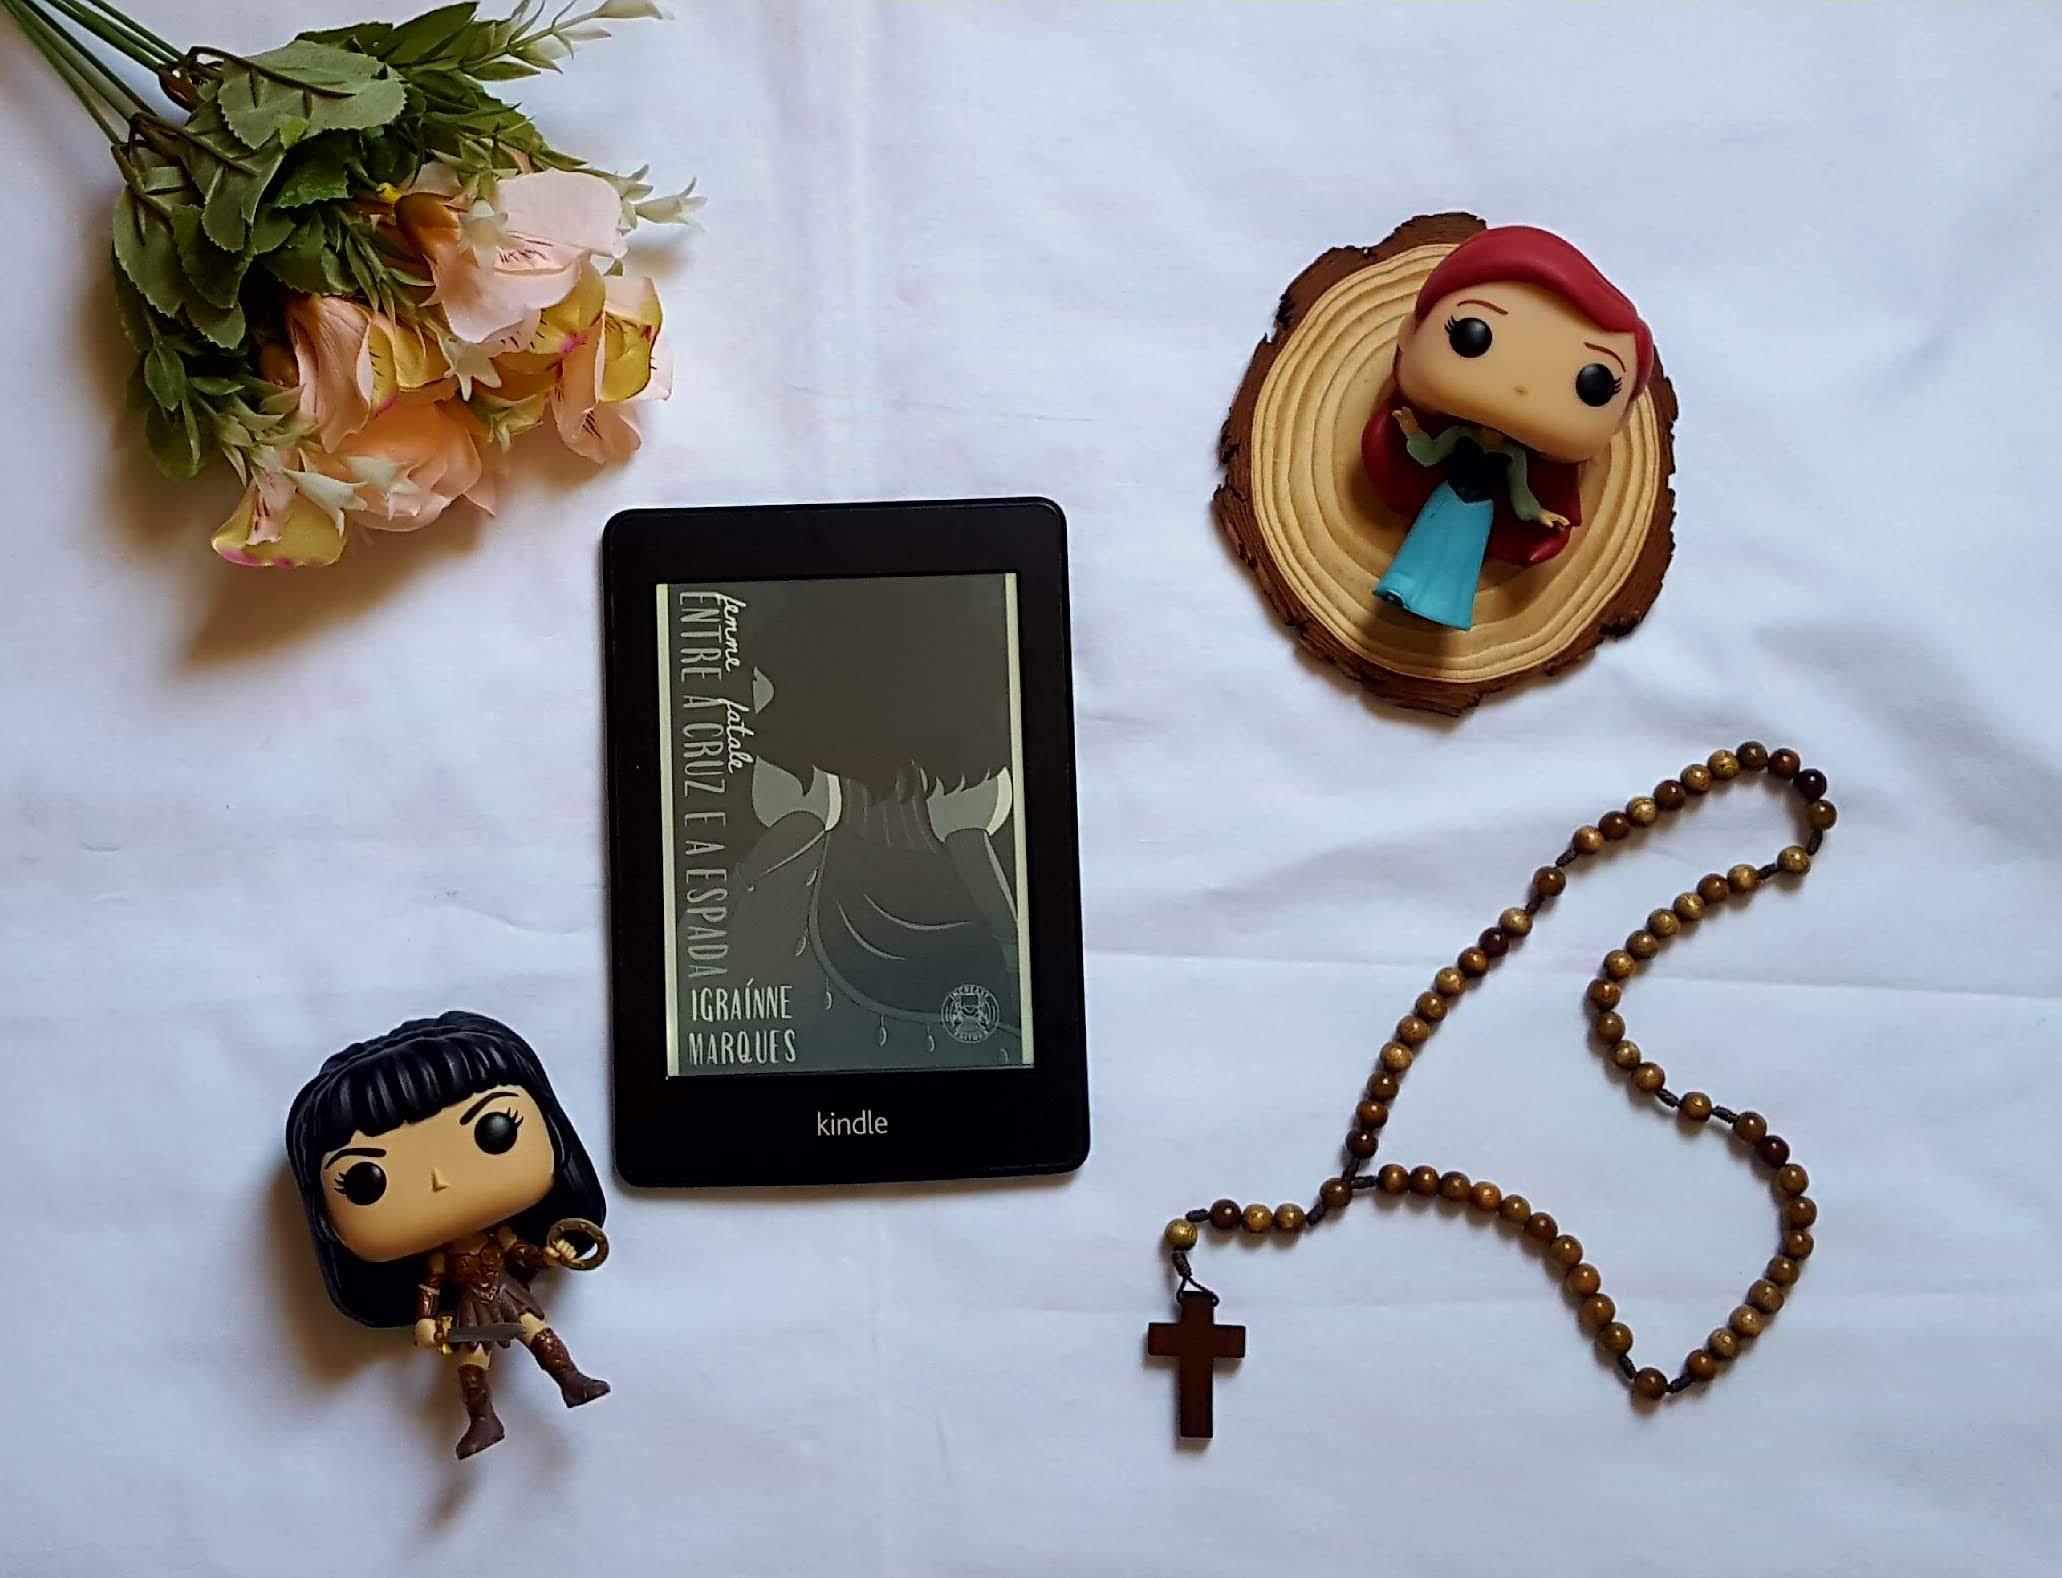 Entre a cruz e a espada | Igrainne Marques